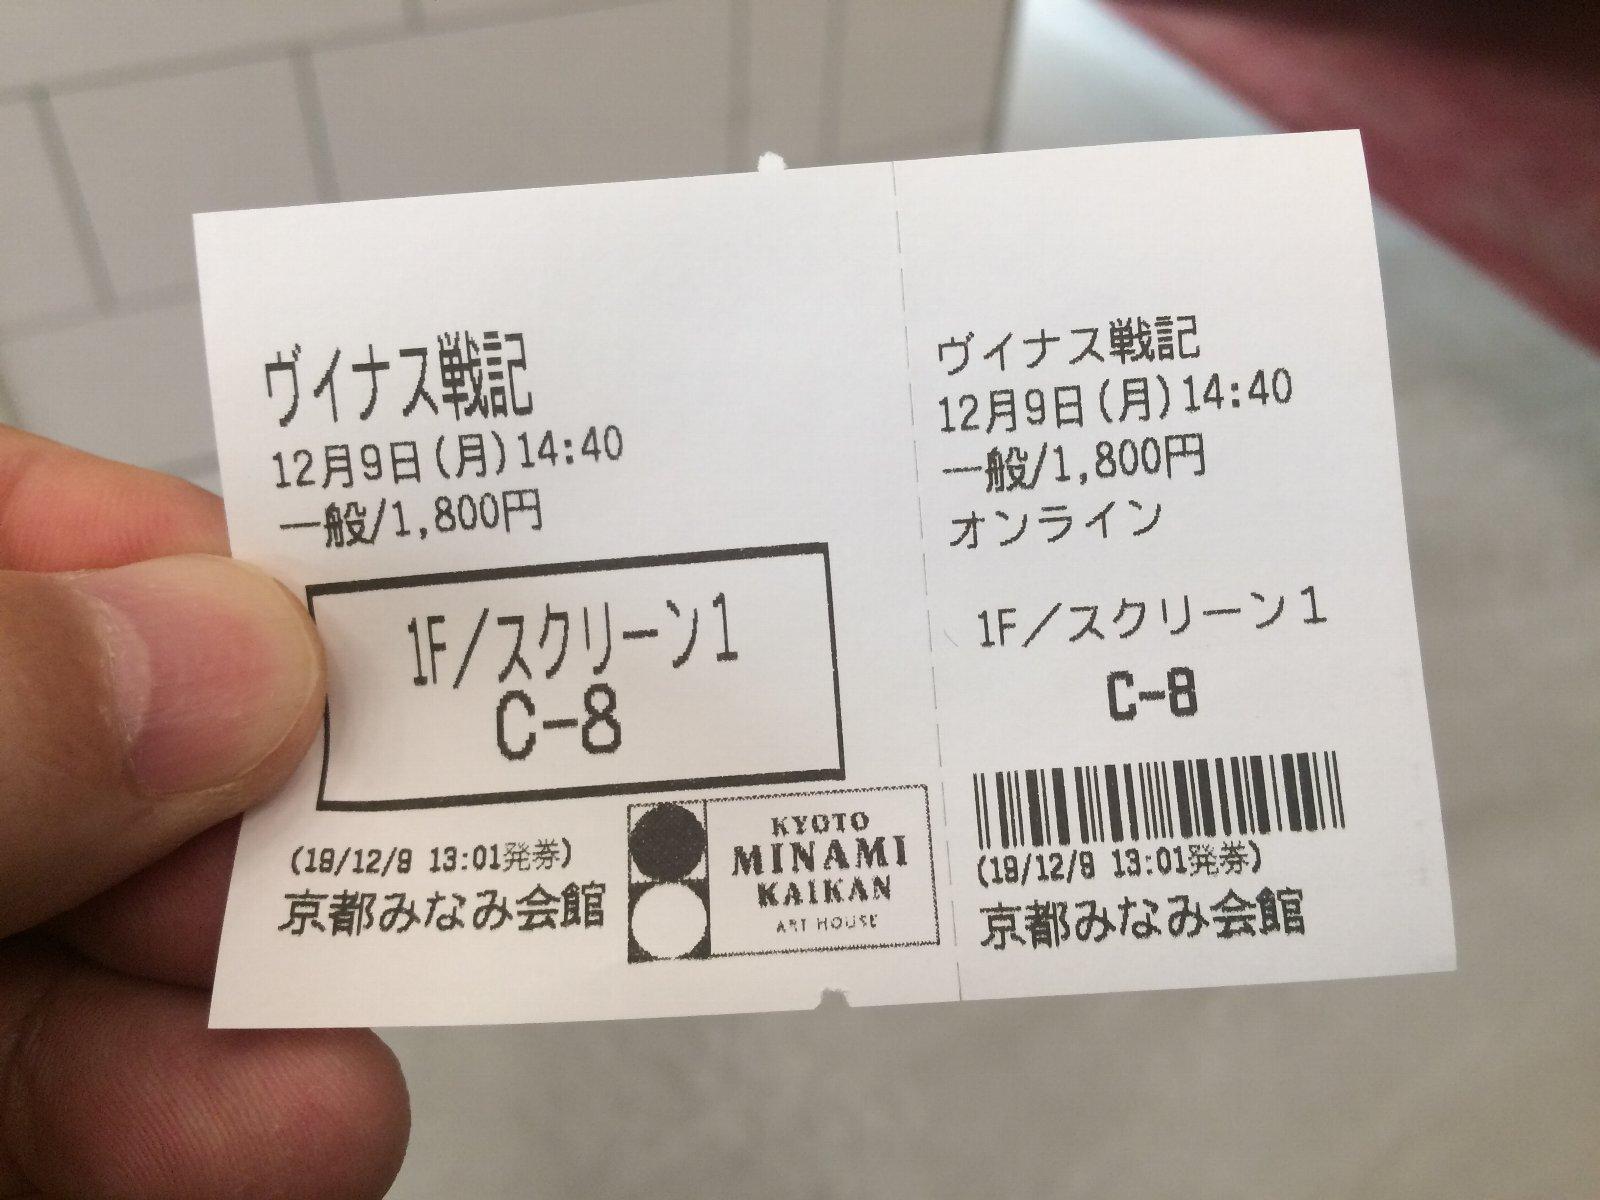 191209 『ヴィナス戦記』チケット